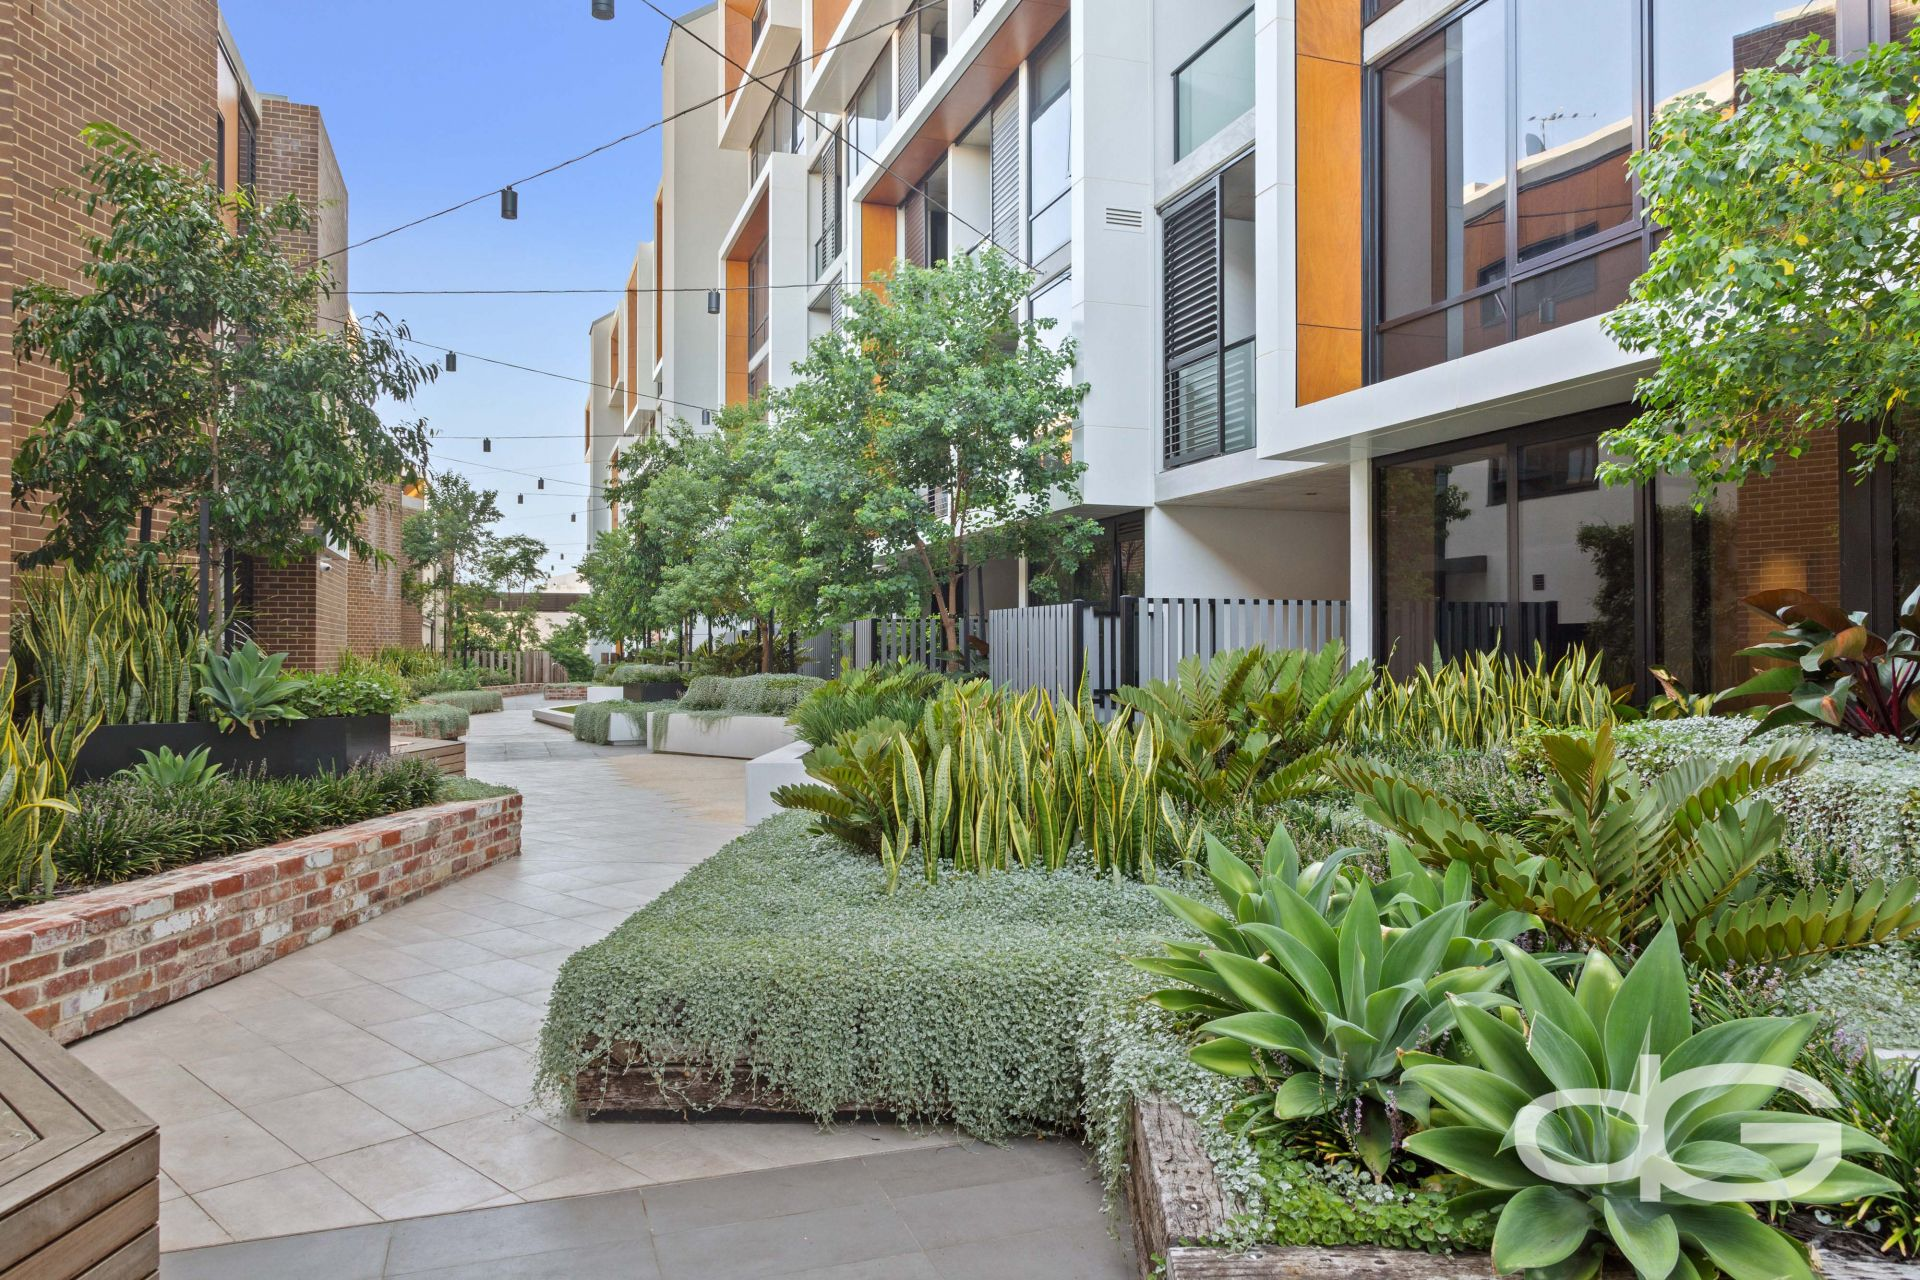 34/51 Queen Victoria Street, Fremantle